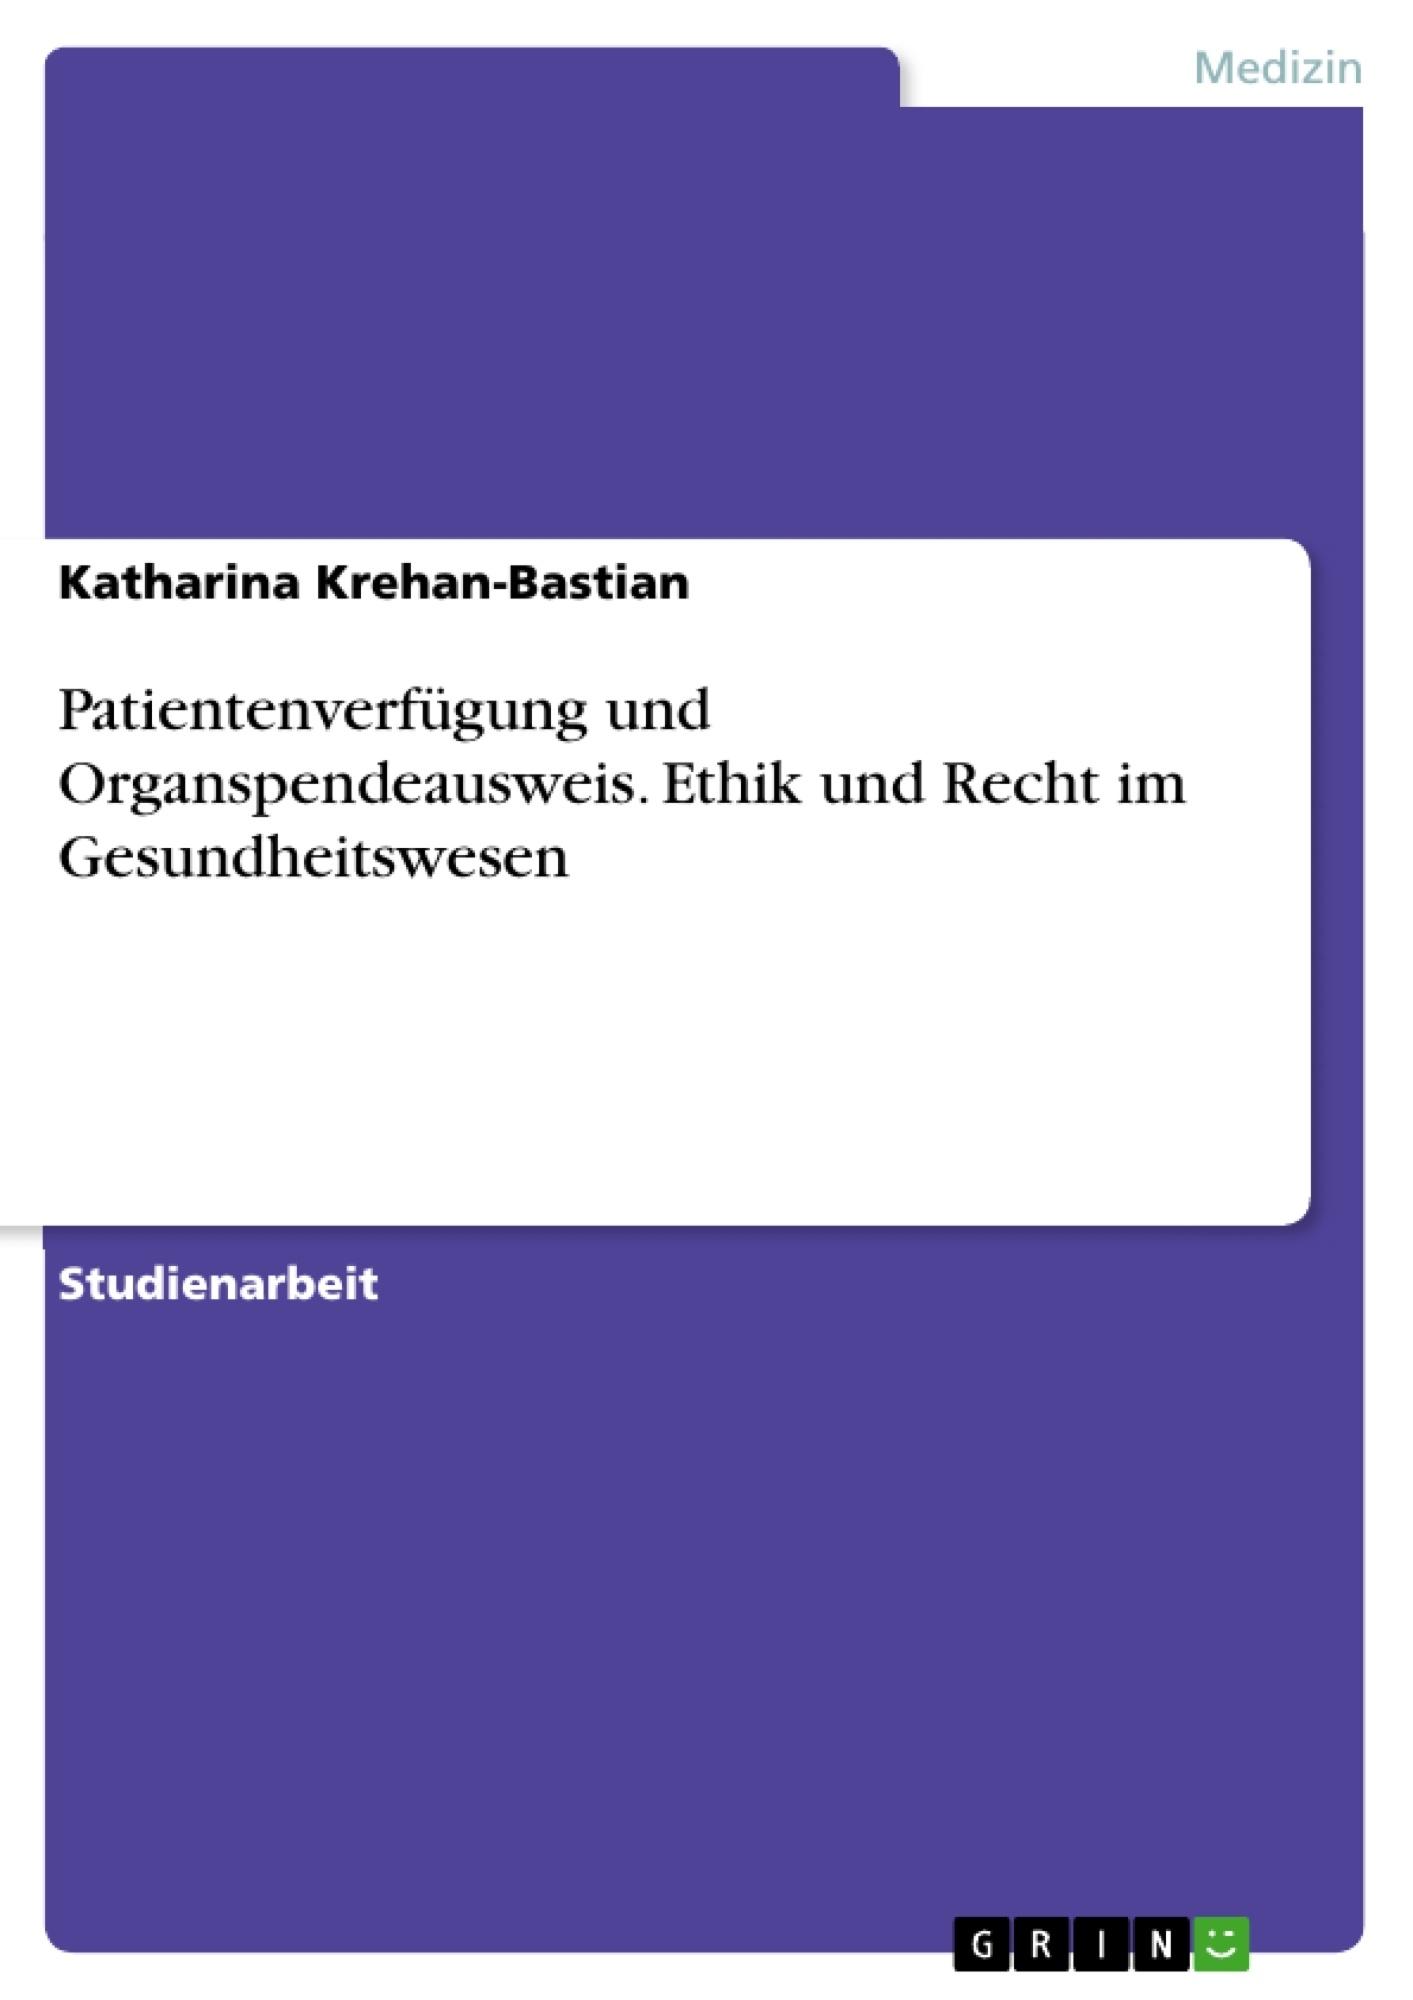 Titel: Patientenverfügung und Organspendeausweis. Ethik und Recht im Gesundheitswesen